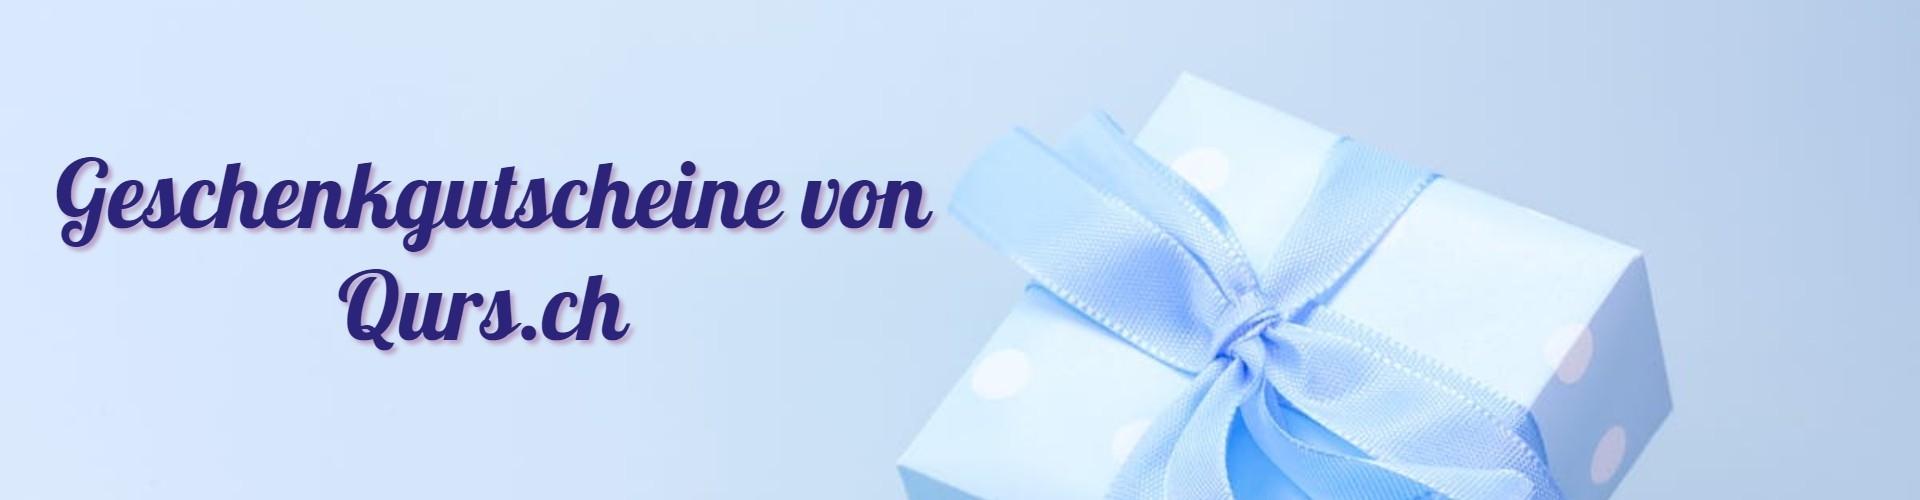 Geschenkgutschein Qurs.ch